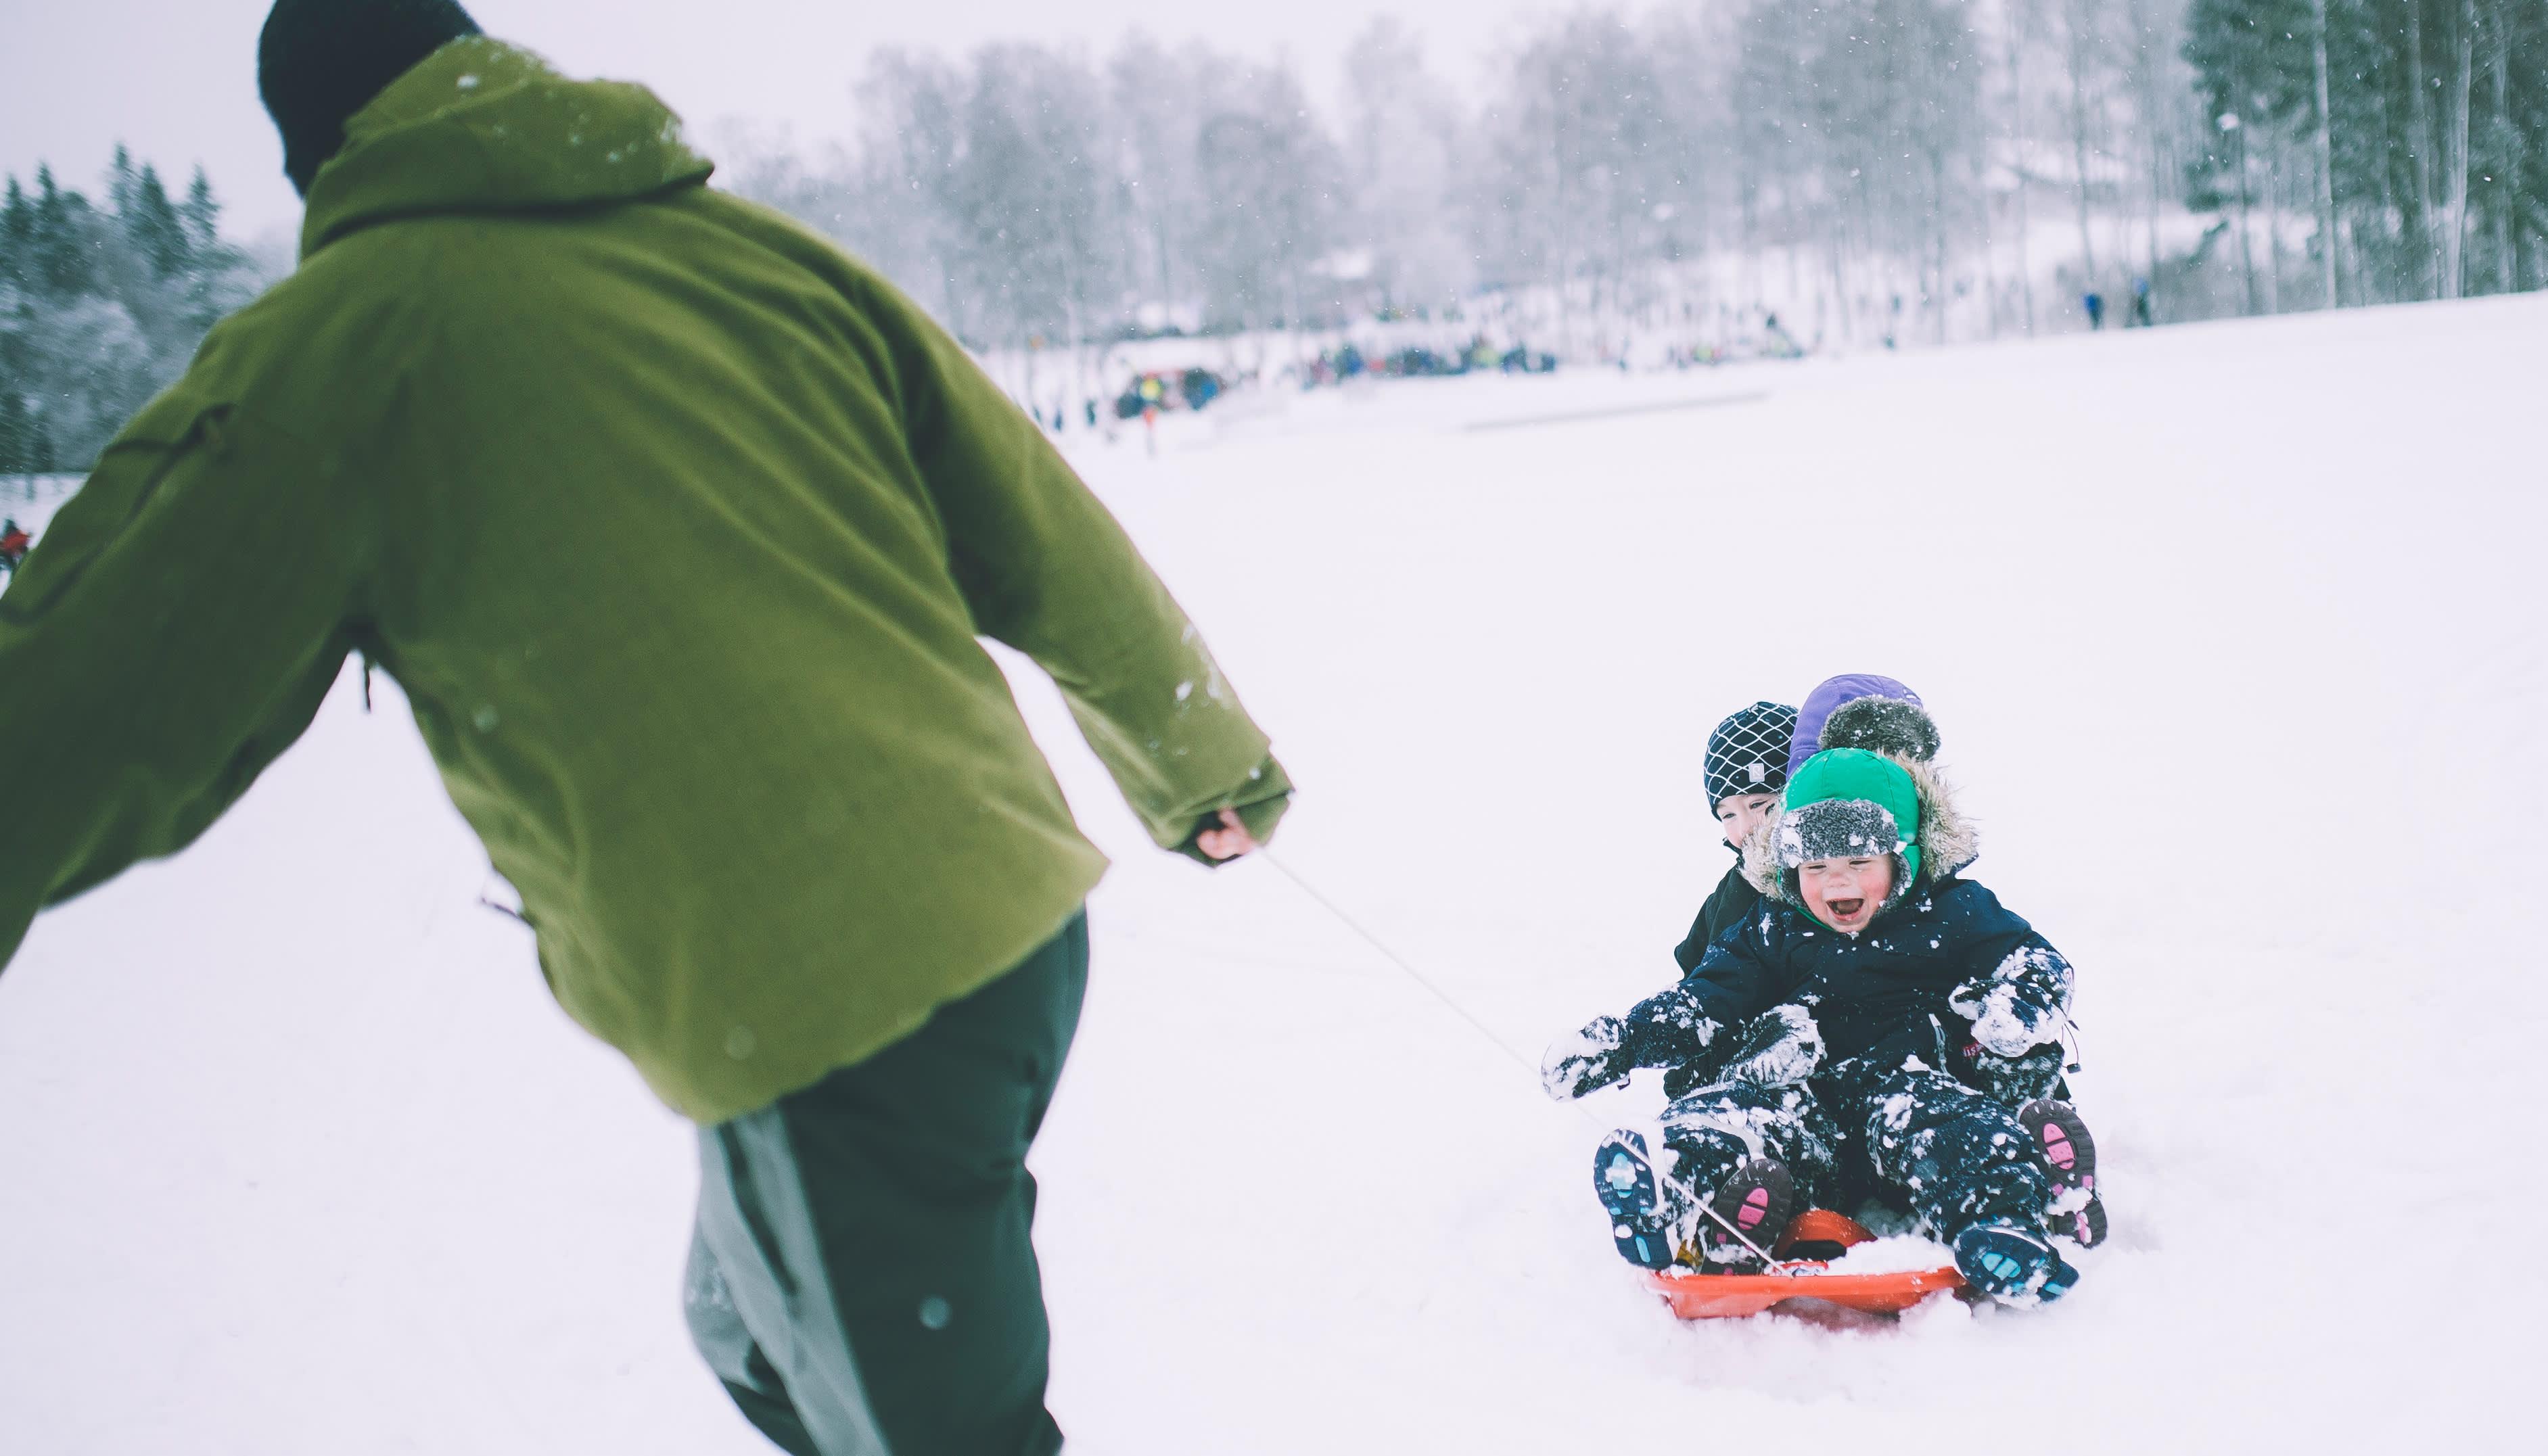 Aking på Den Norske Turistforeningen sin Kom deg ut-dag i år. Aking på hytta er en sikker vinner. FOTO: Marius Dalseg / DNT